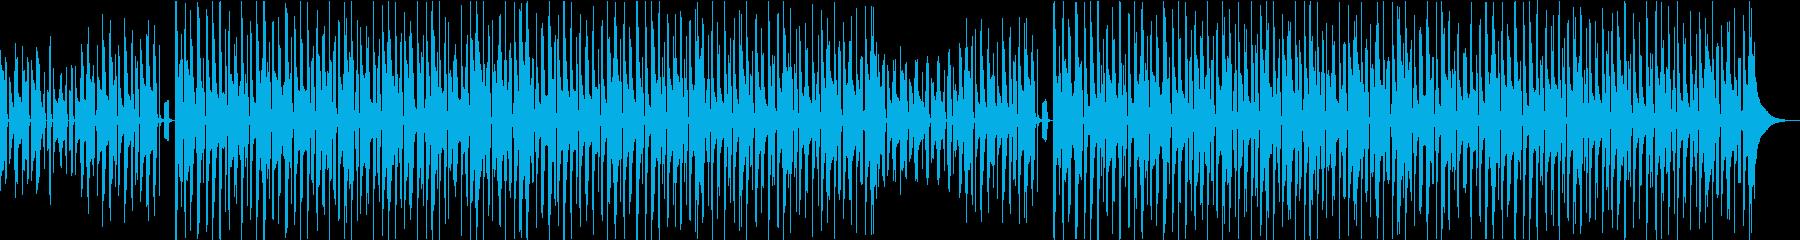 ウクレレ・のんびり・ゆったり・日常の再生済みの波形